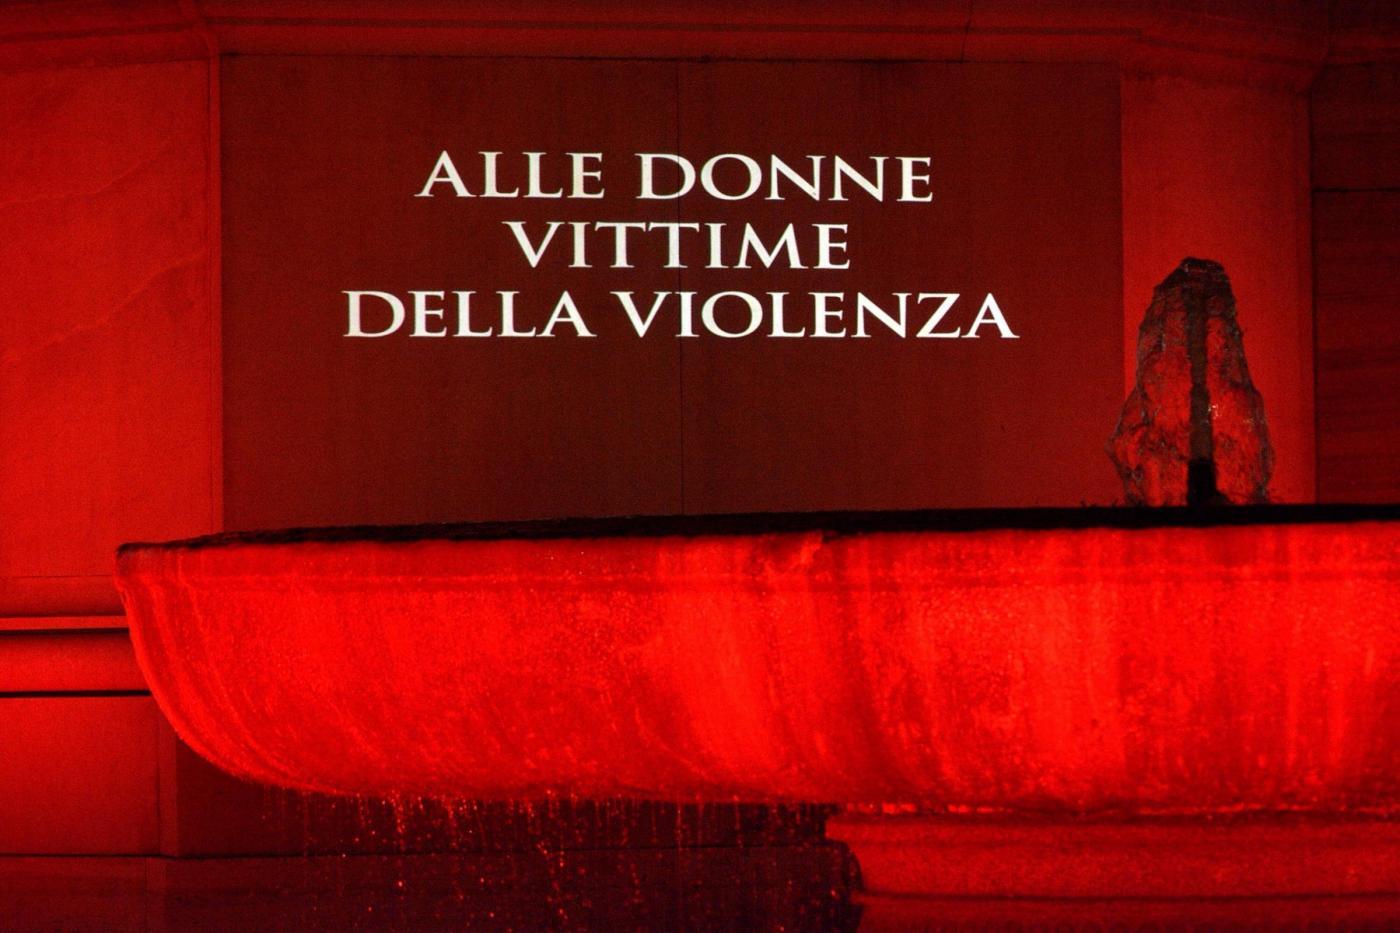 La fontana in piazza del Quirinale illuminata di rosso in memoria delle donne vittime della violenza